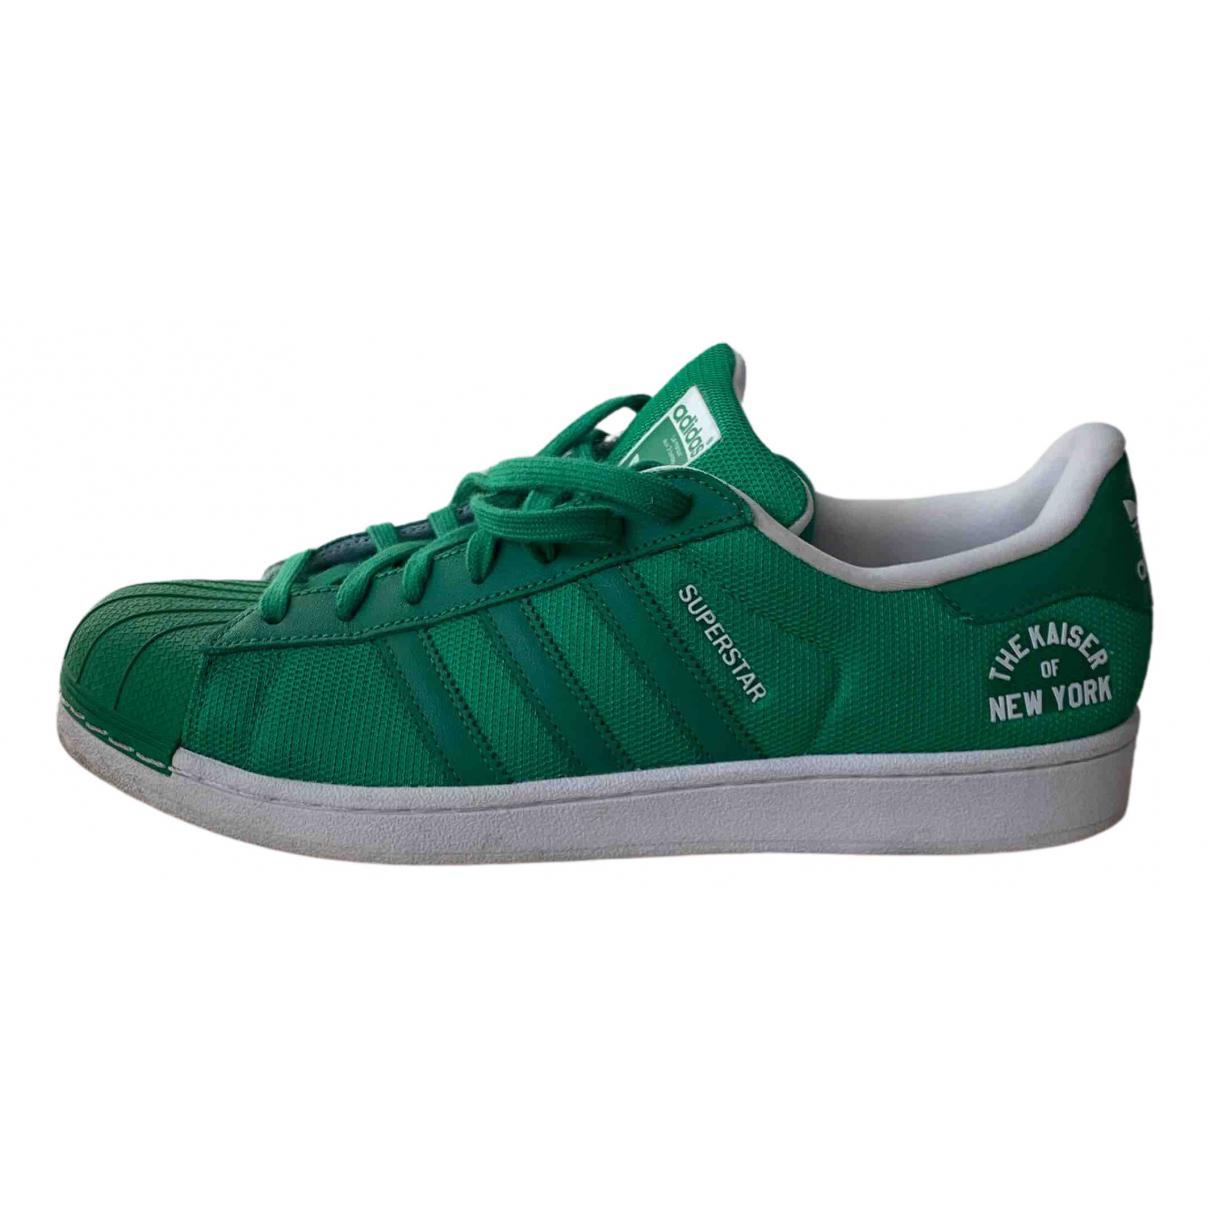 Adidas - Baskets Superstar pour homme en caoutchouc - vert